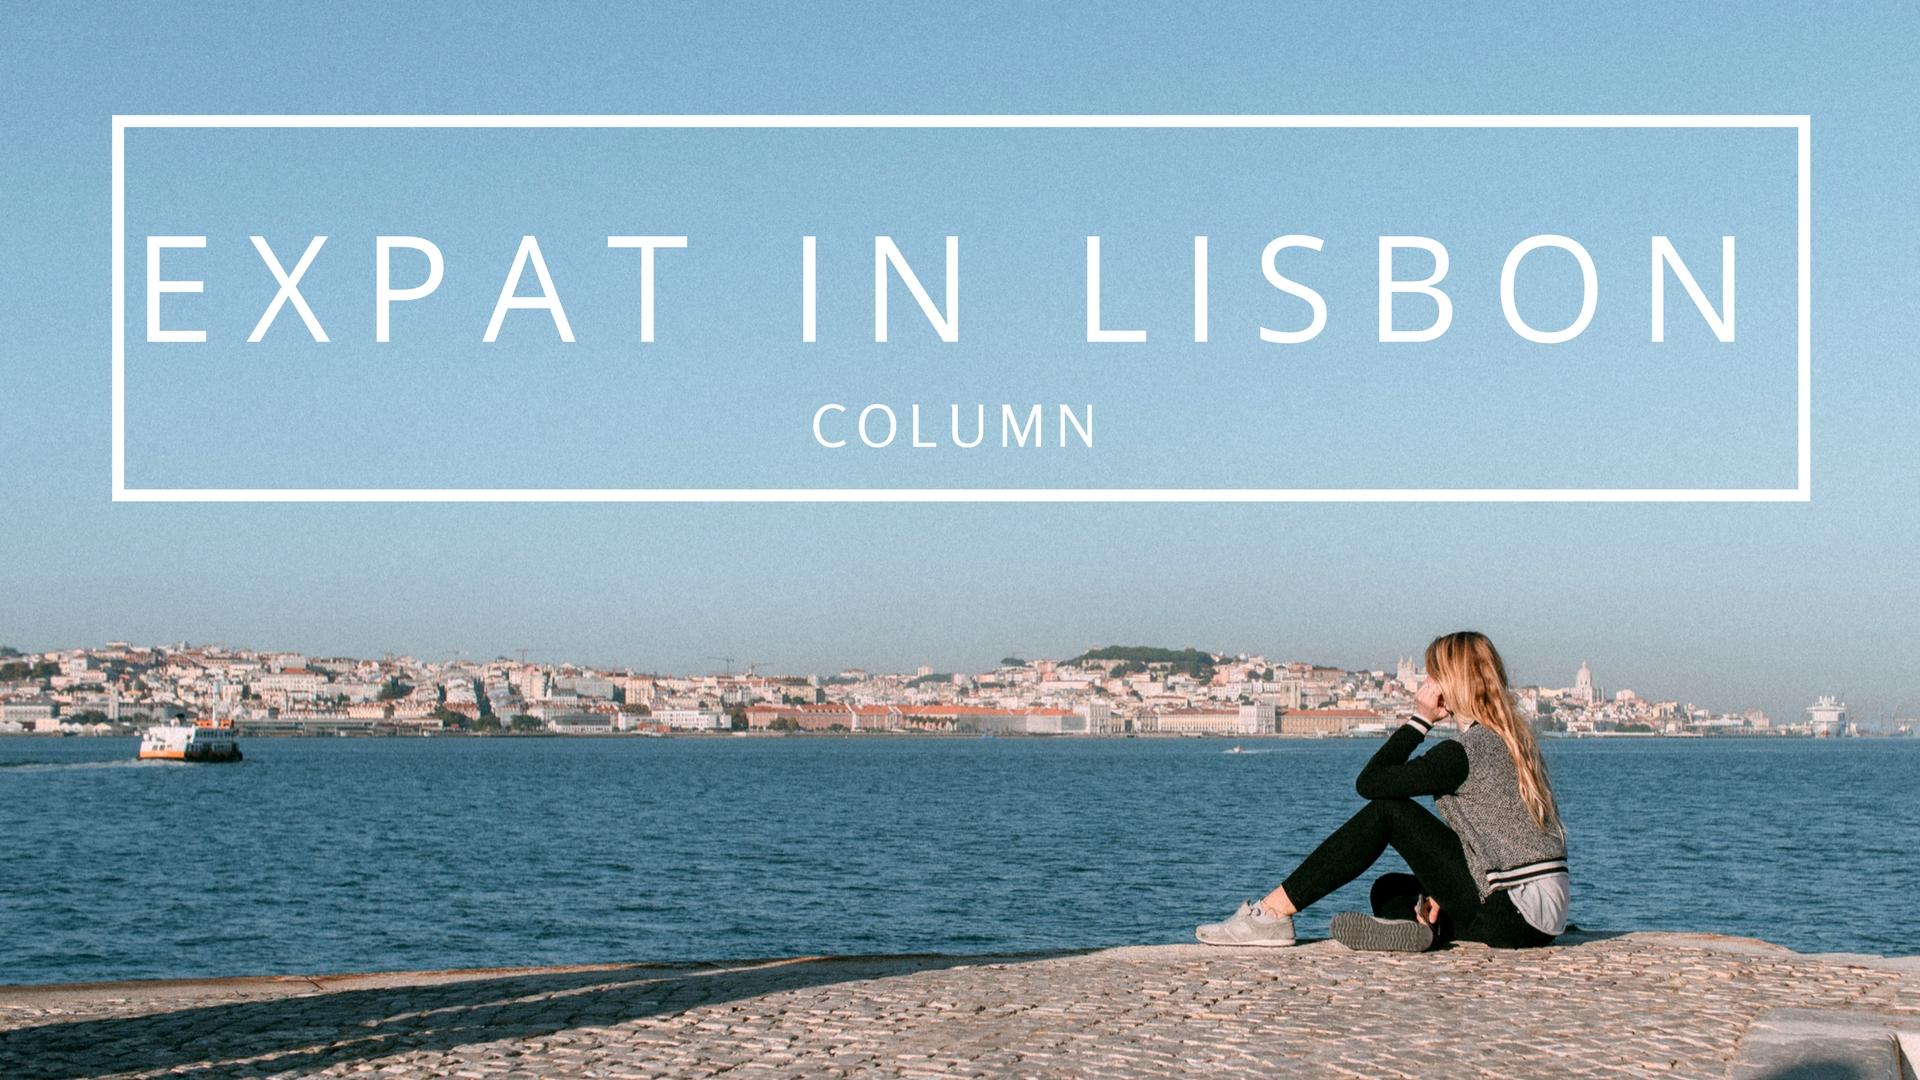 Expat in Lisbon. N° I